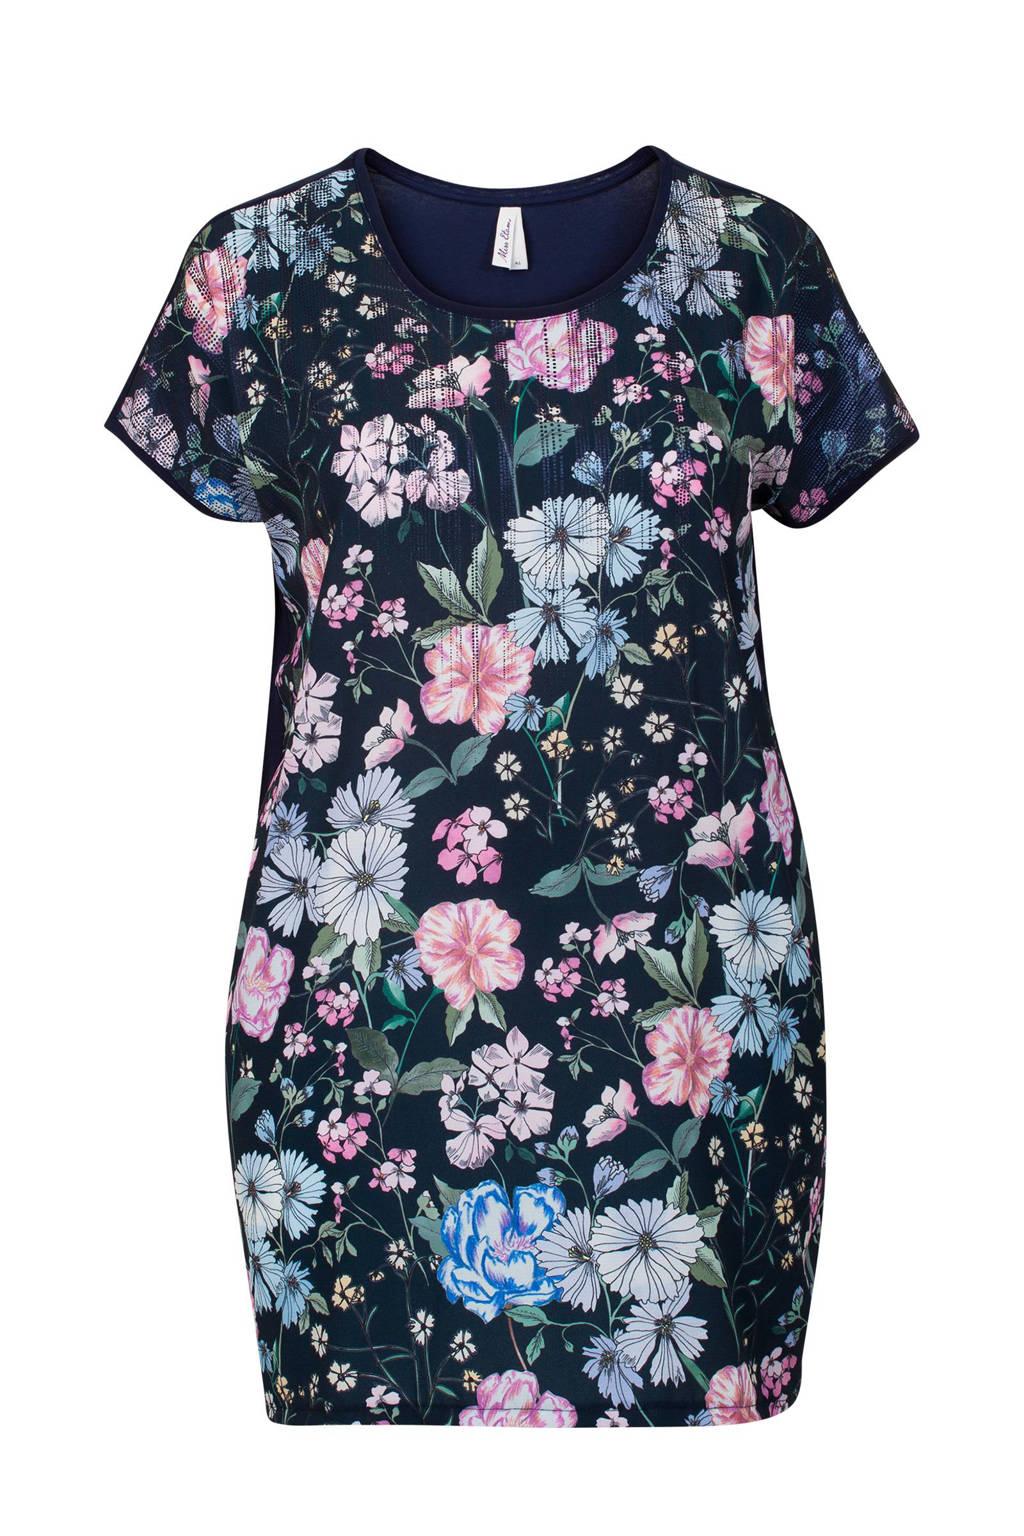 Miss Etam Plus tuniek met bloemen, Donkerblauw/roze/wit